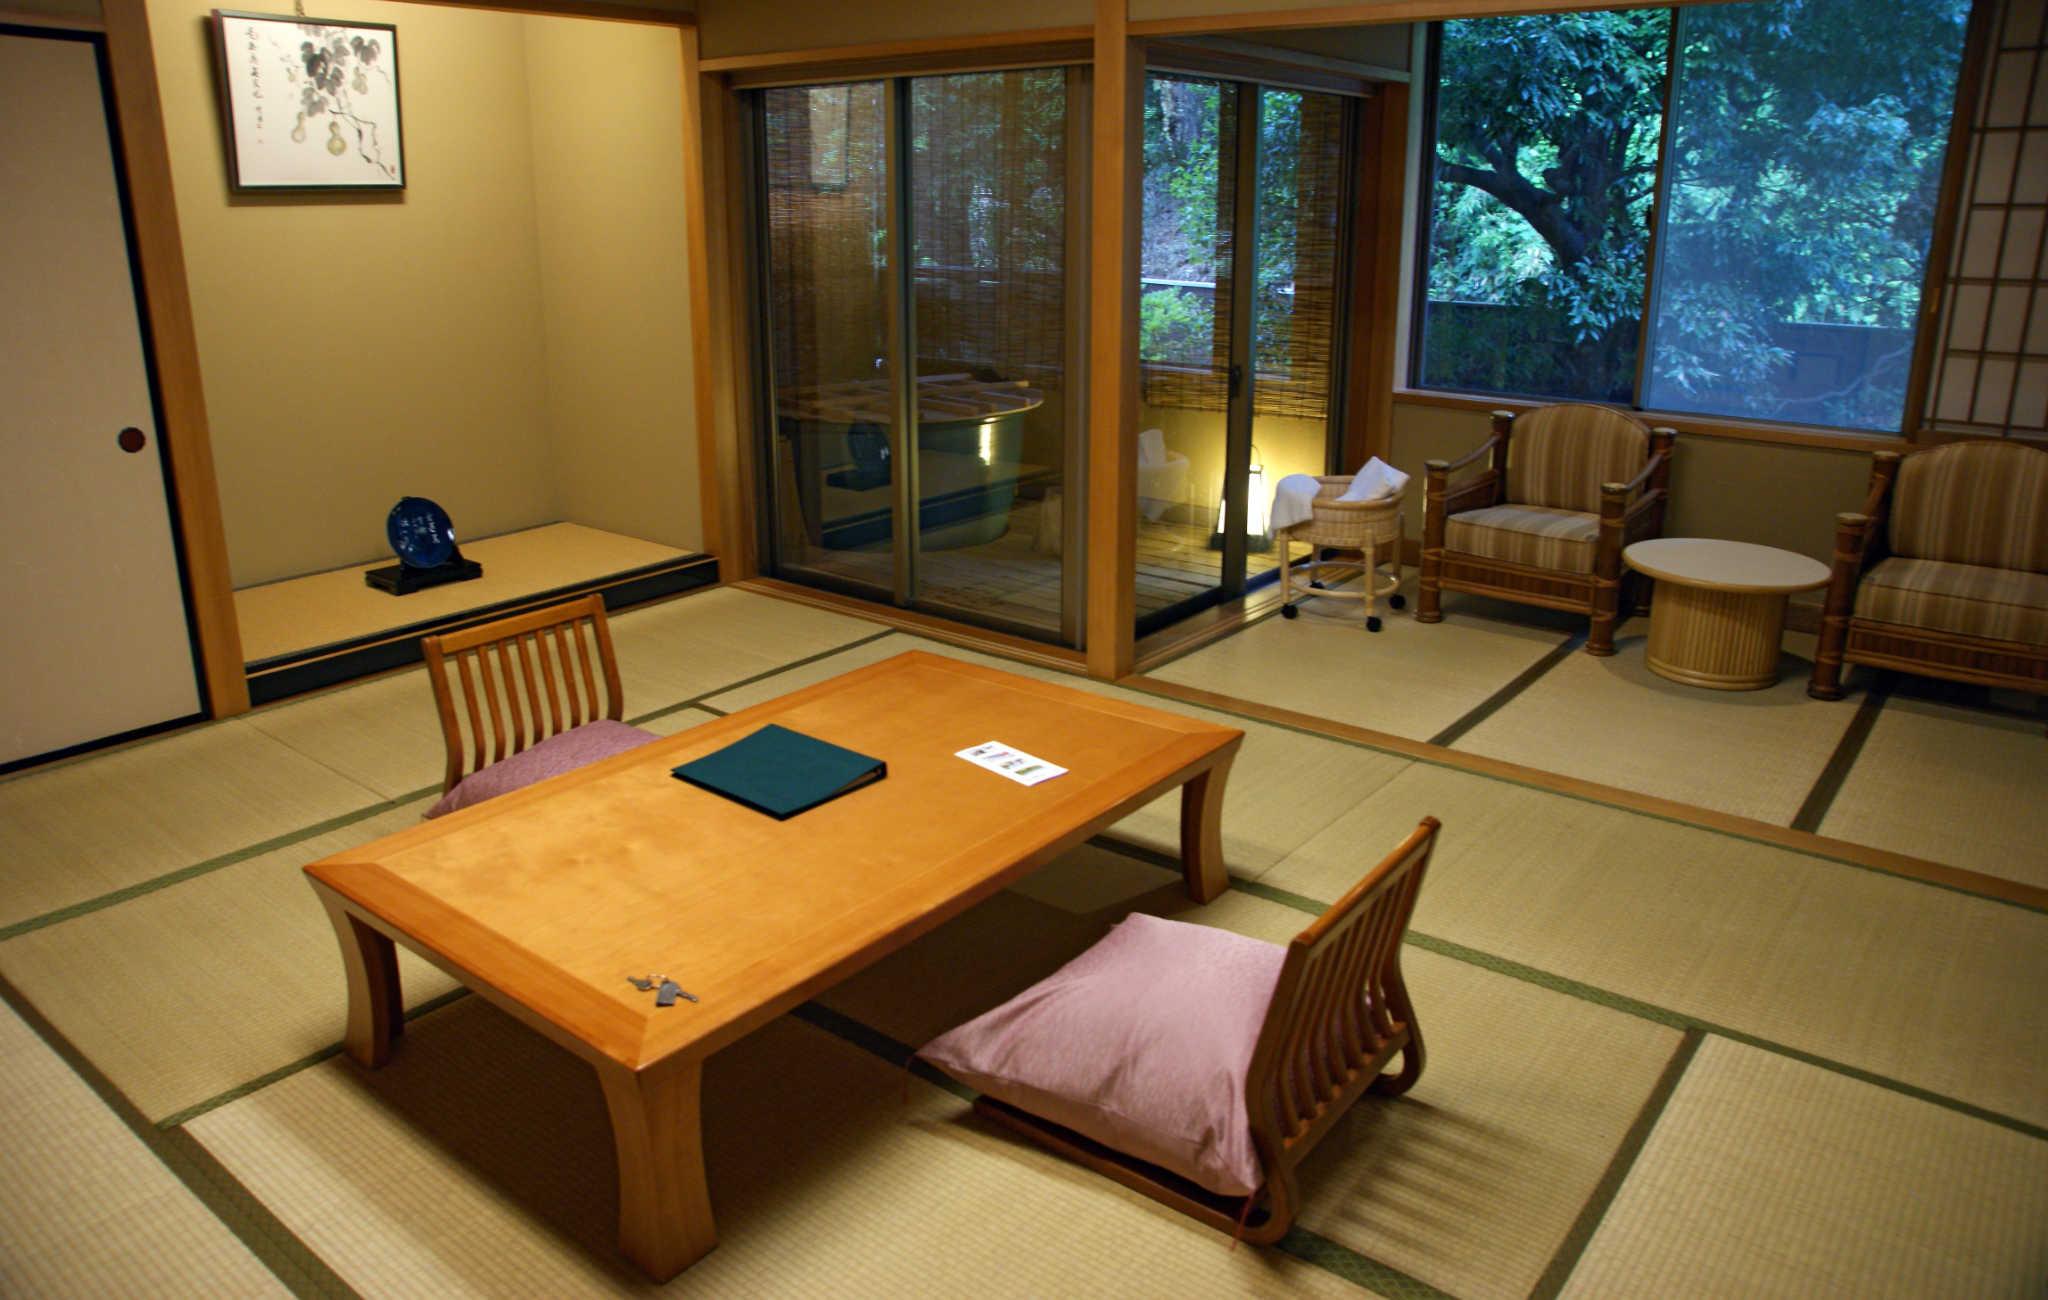 Table À Manger Japonaise l'intérieur d'une maison japonaise